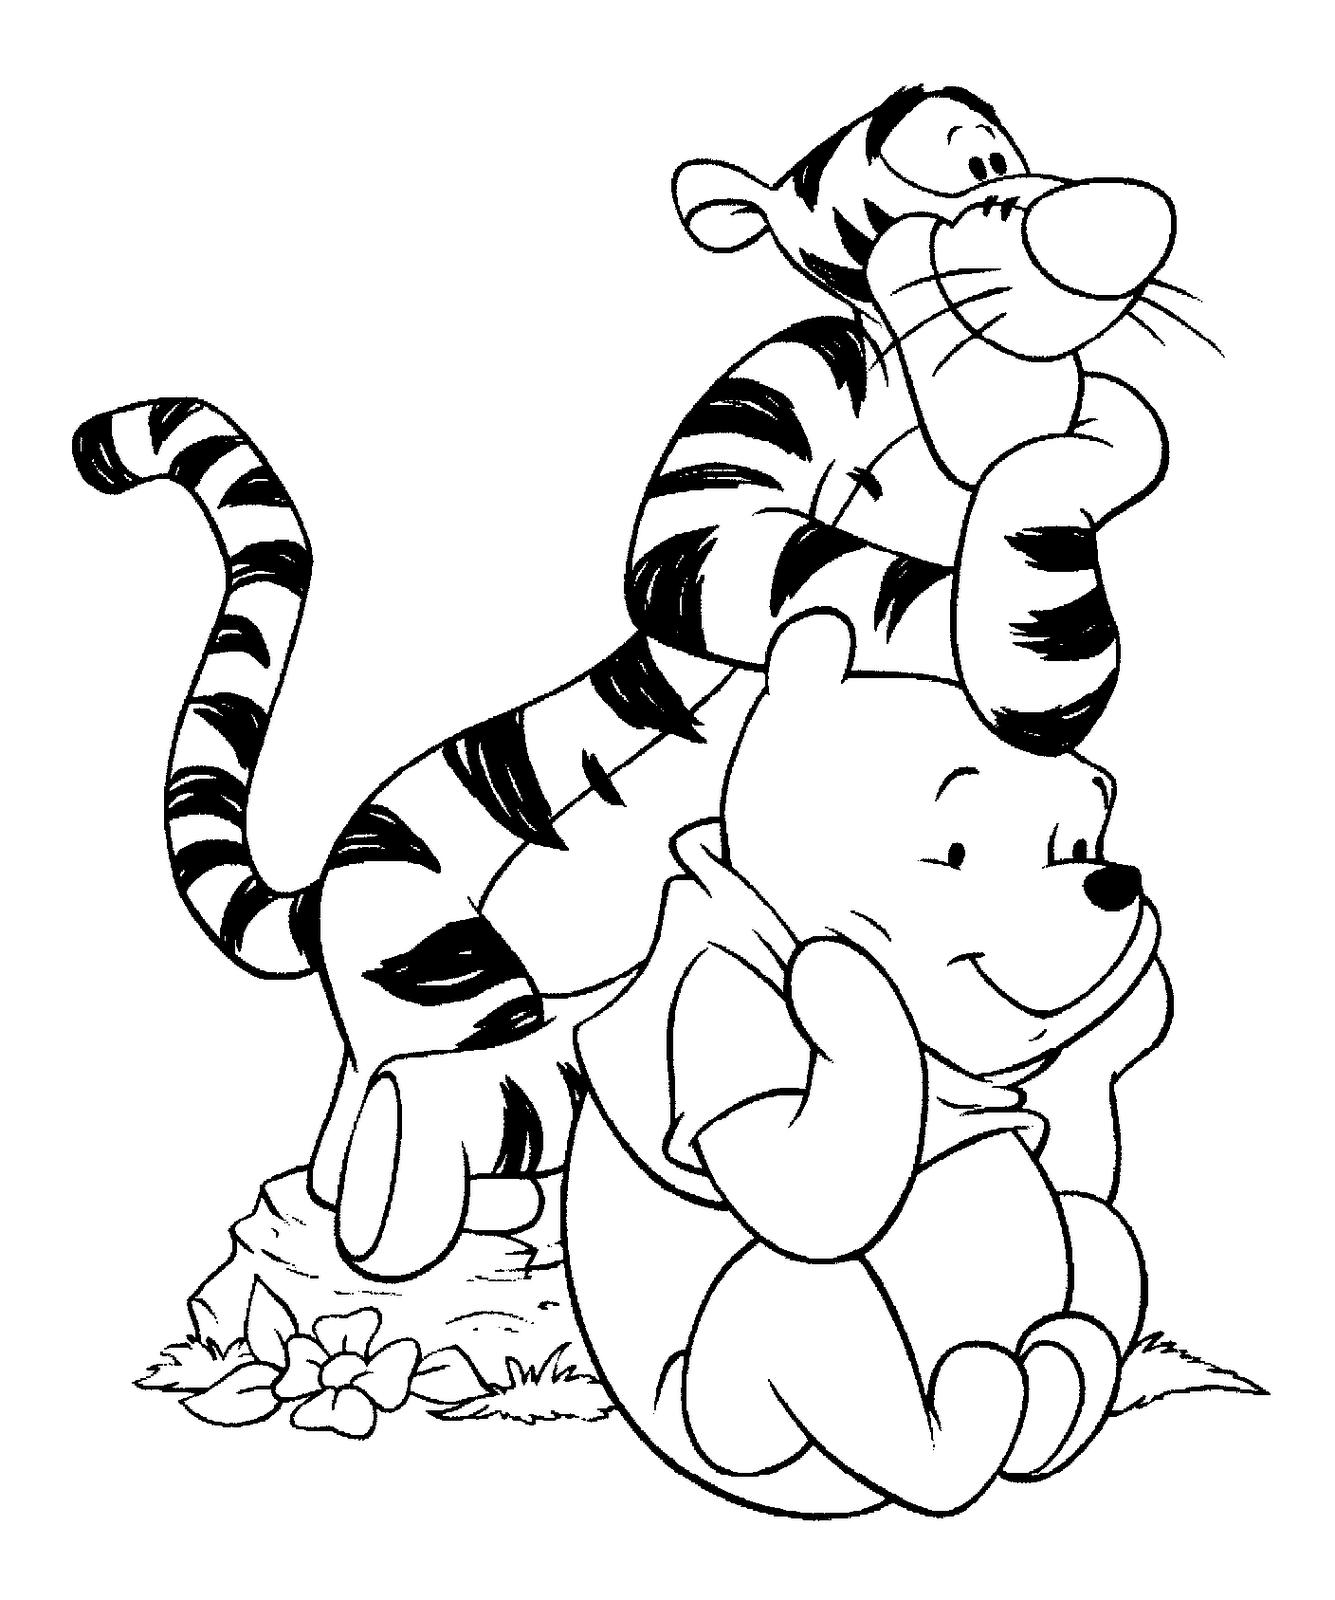 Imagenes De Munequitos Para Dibujar Dibujos Para Colorear Online